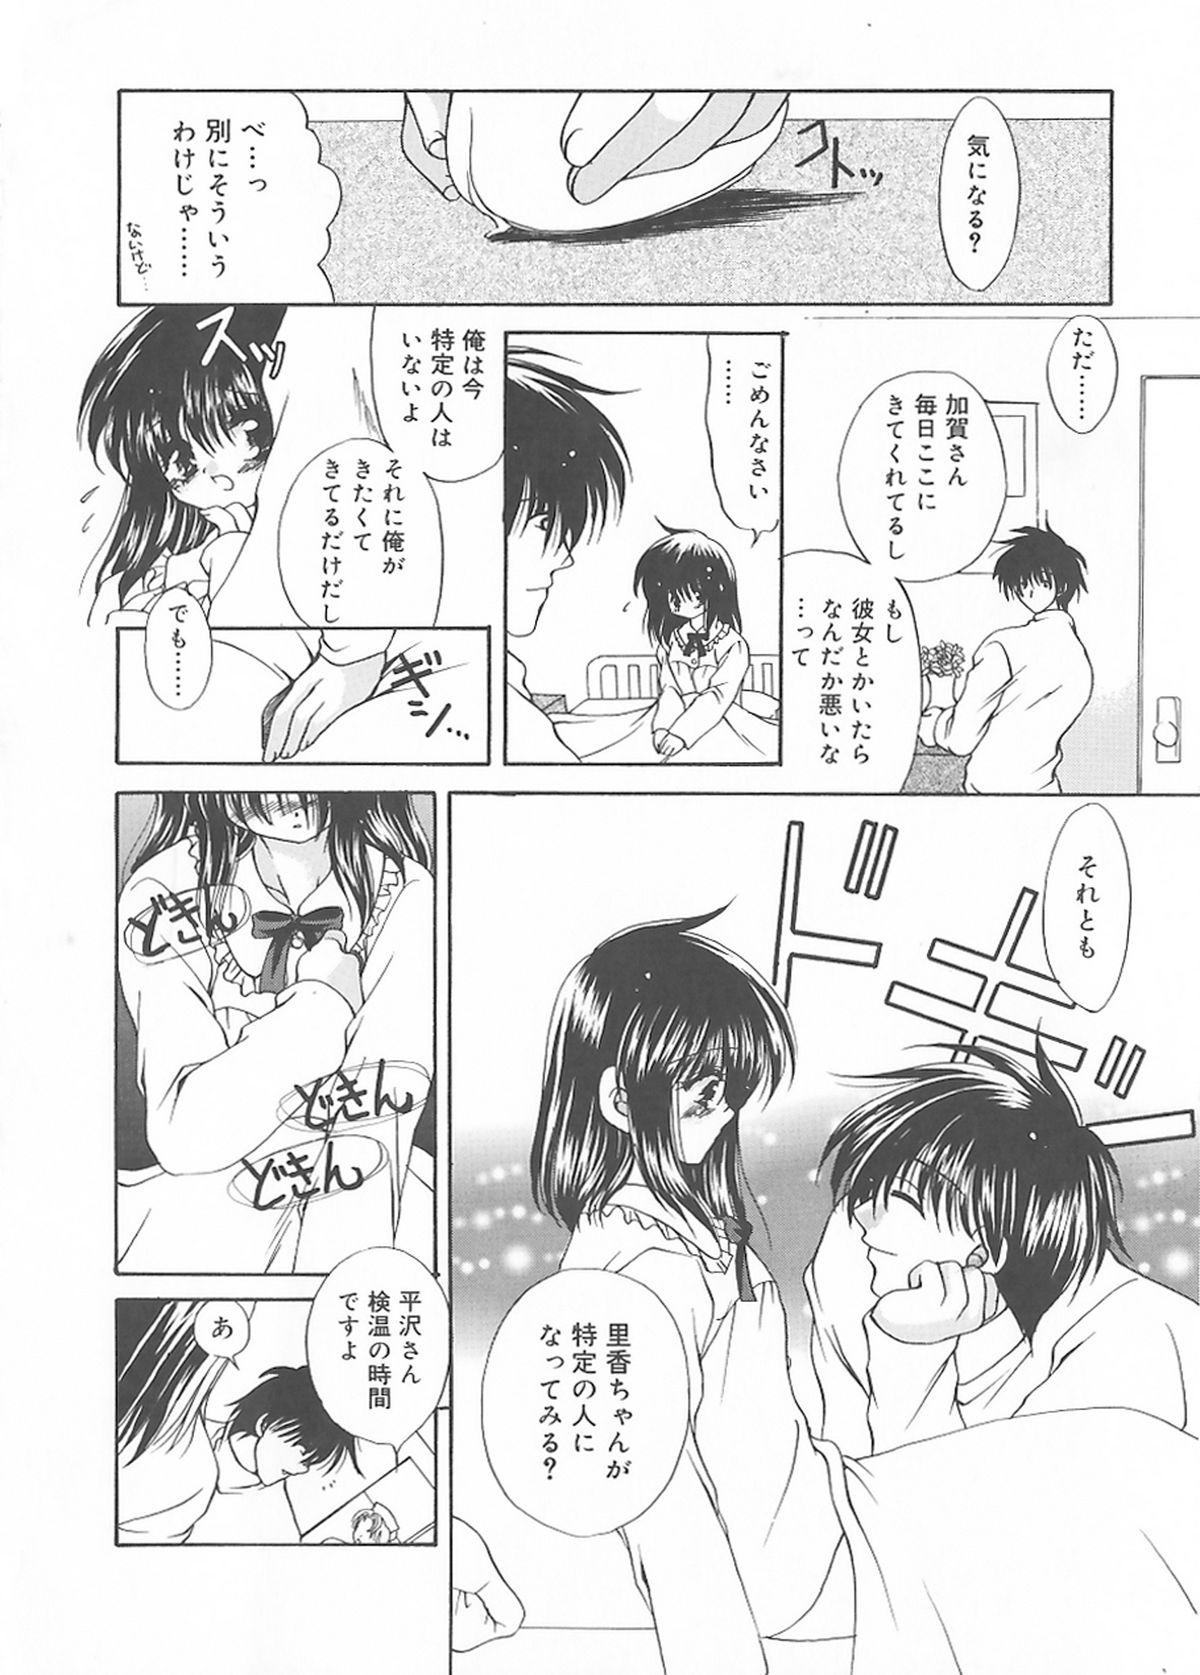 Cream Tengoku - Shinsouban 71